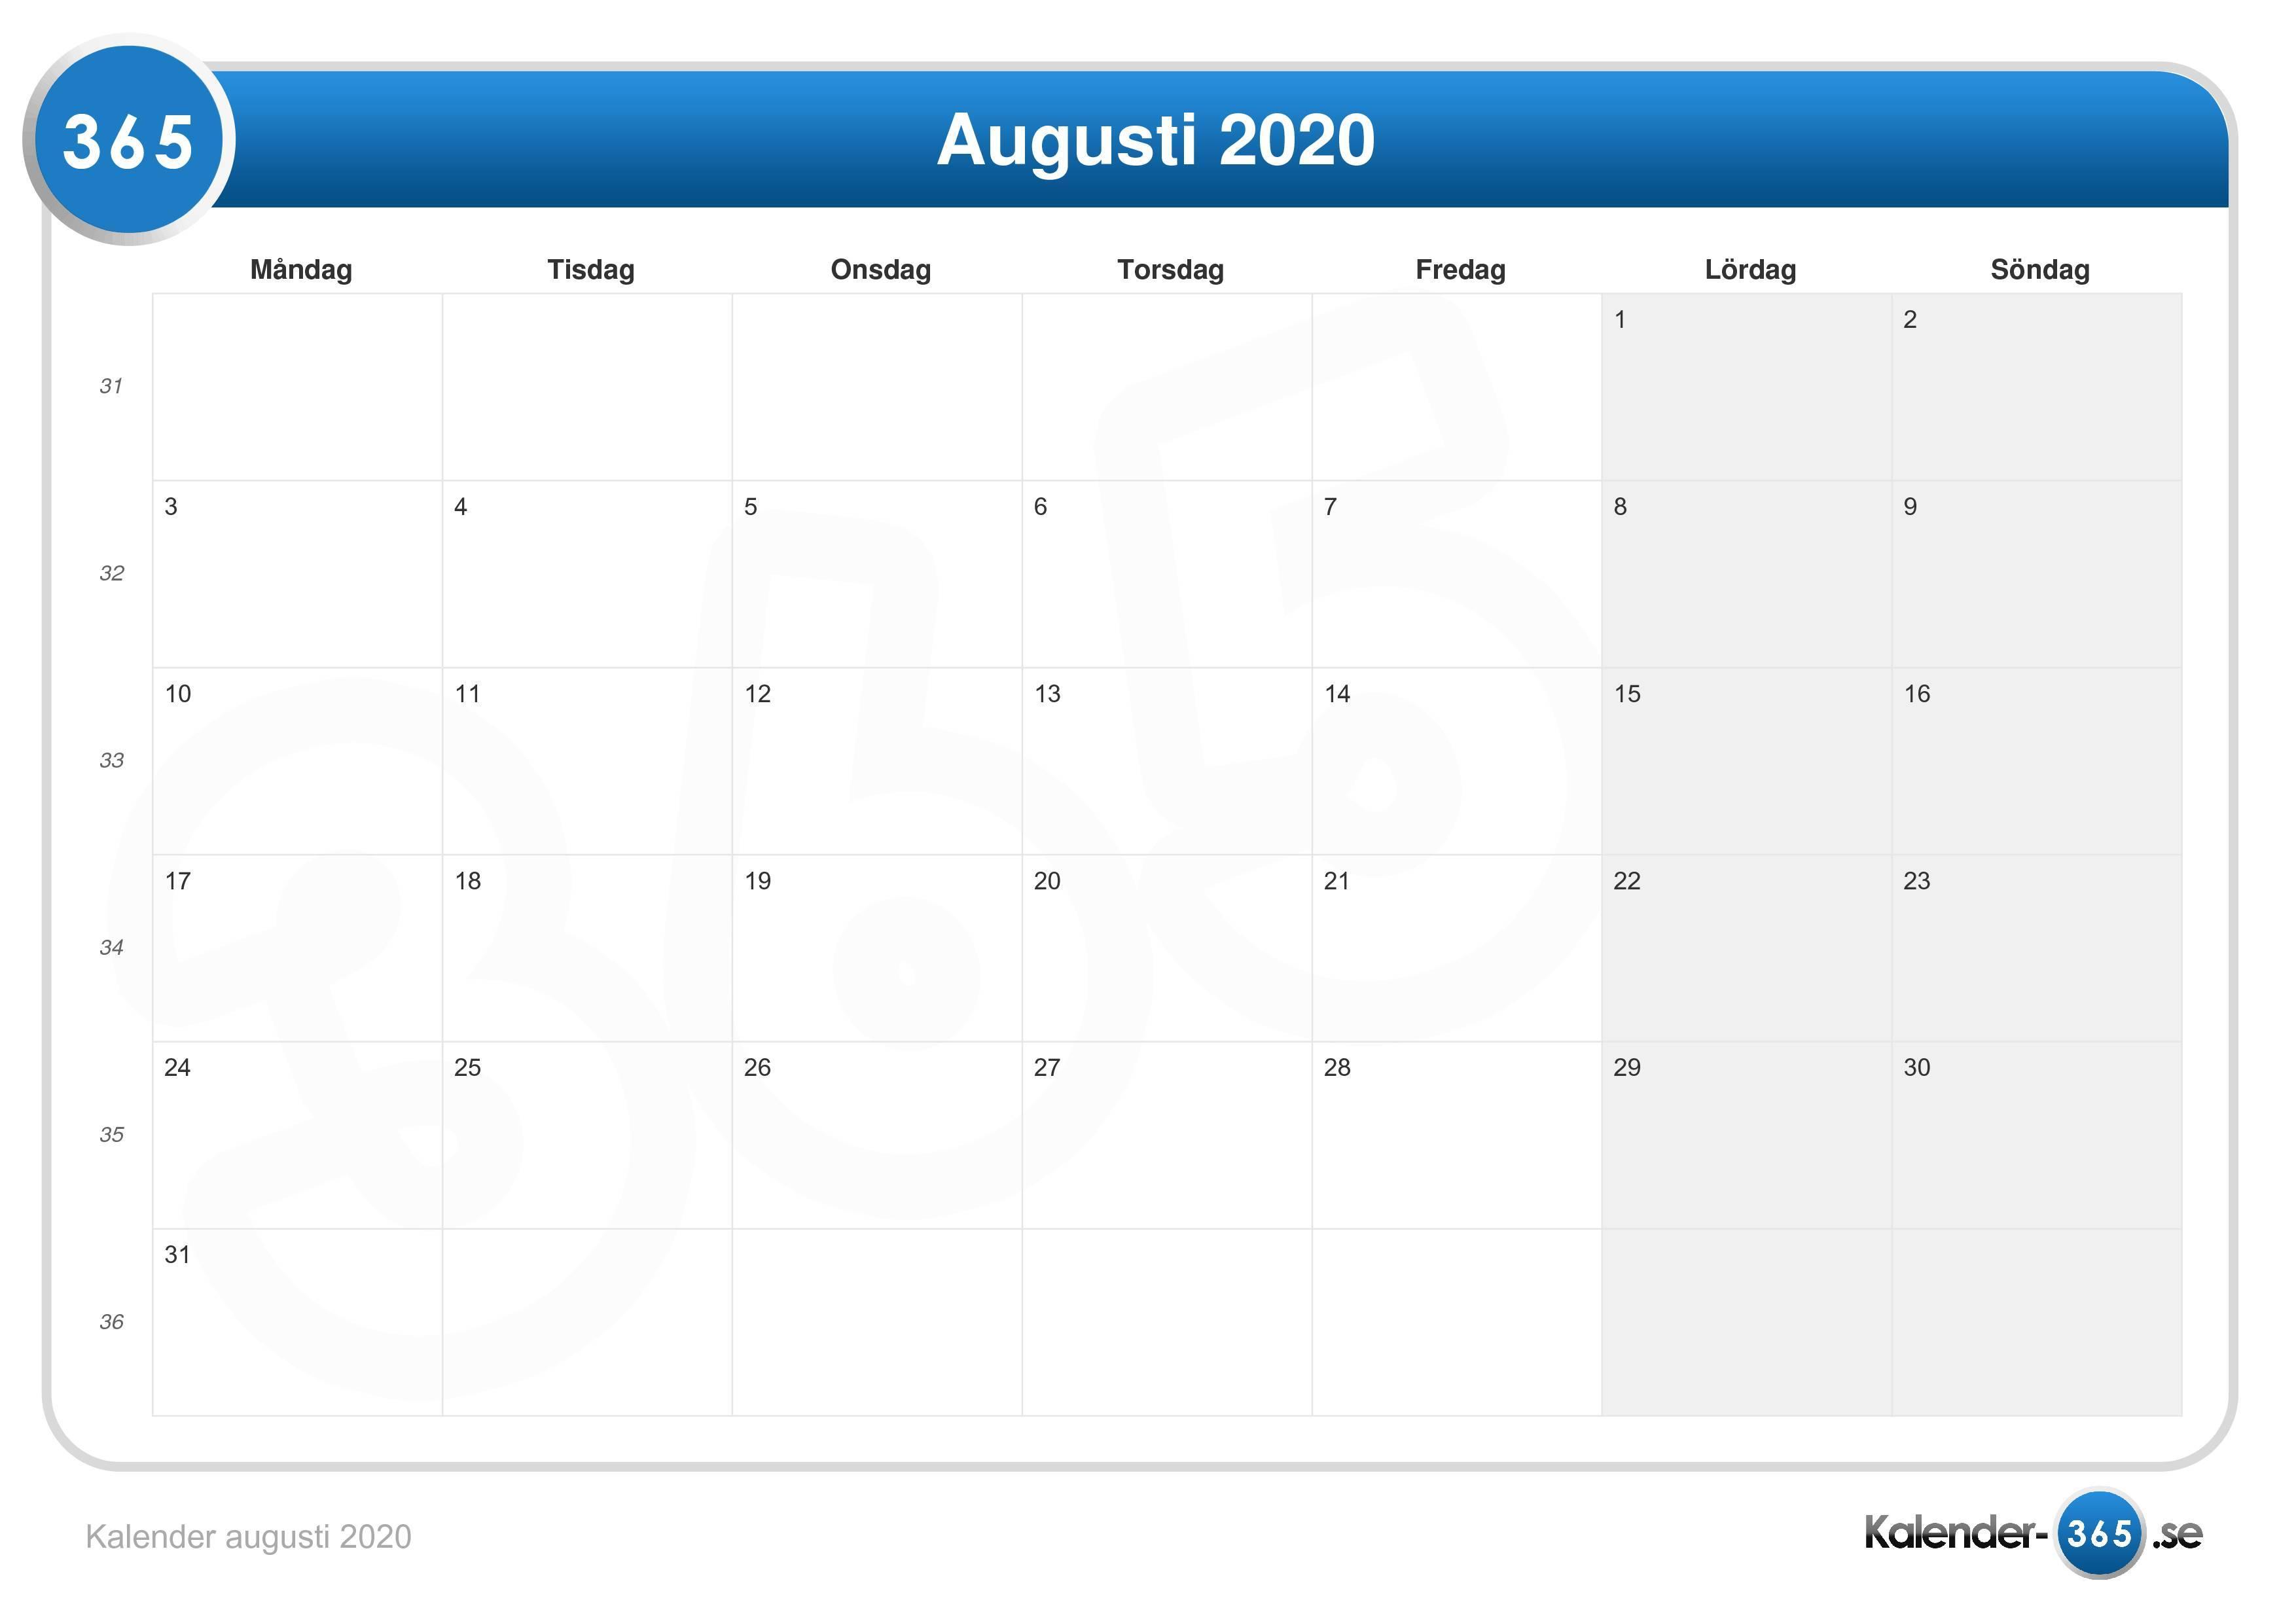 Horoskop augusti 2020